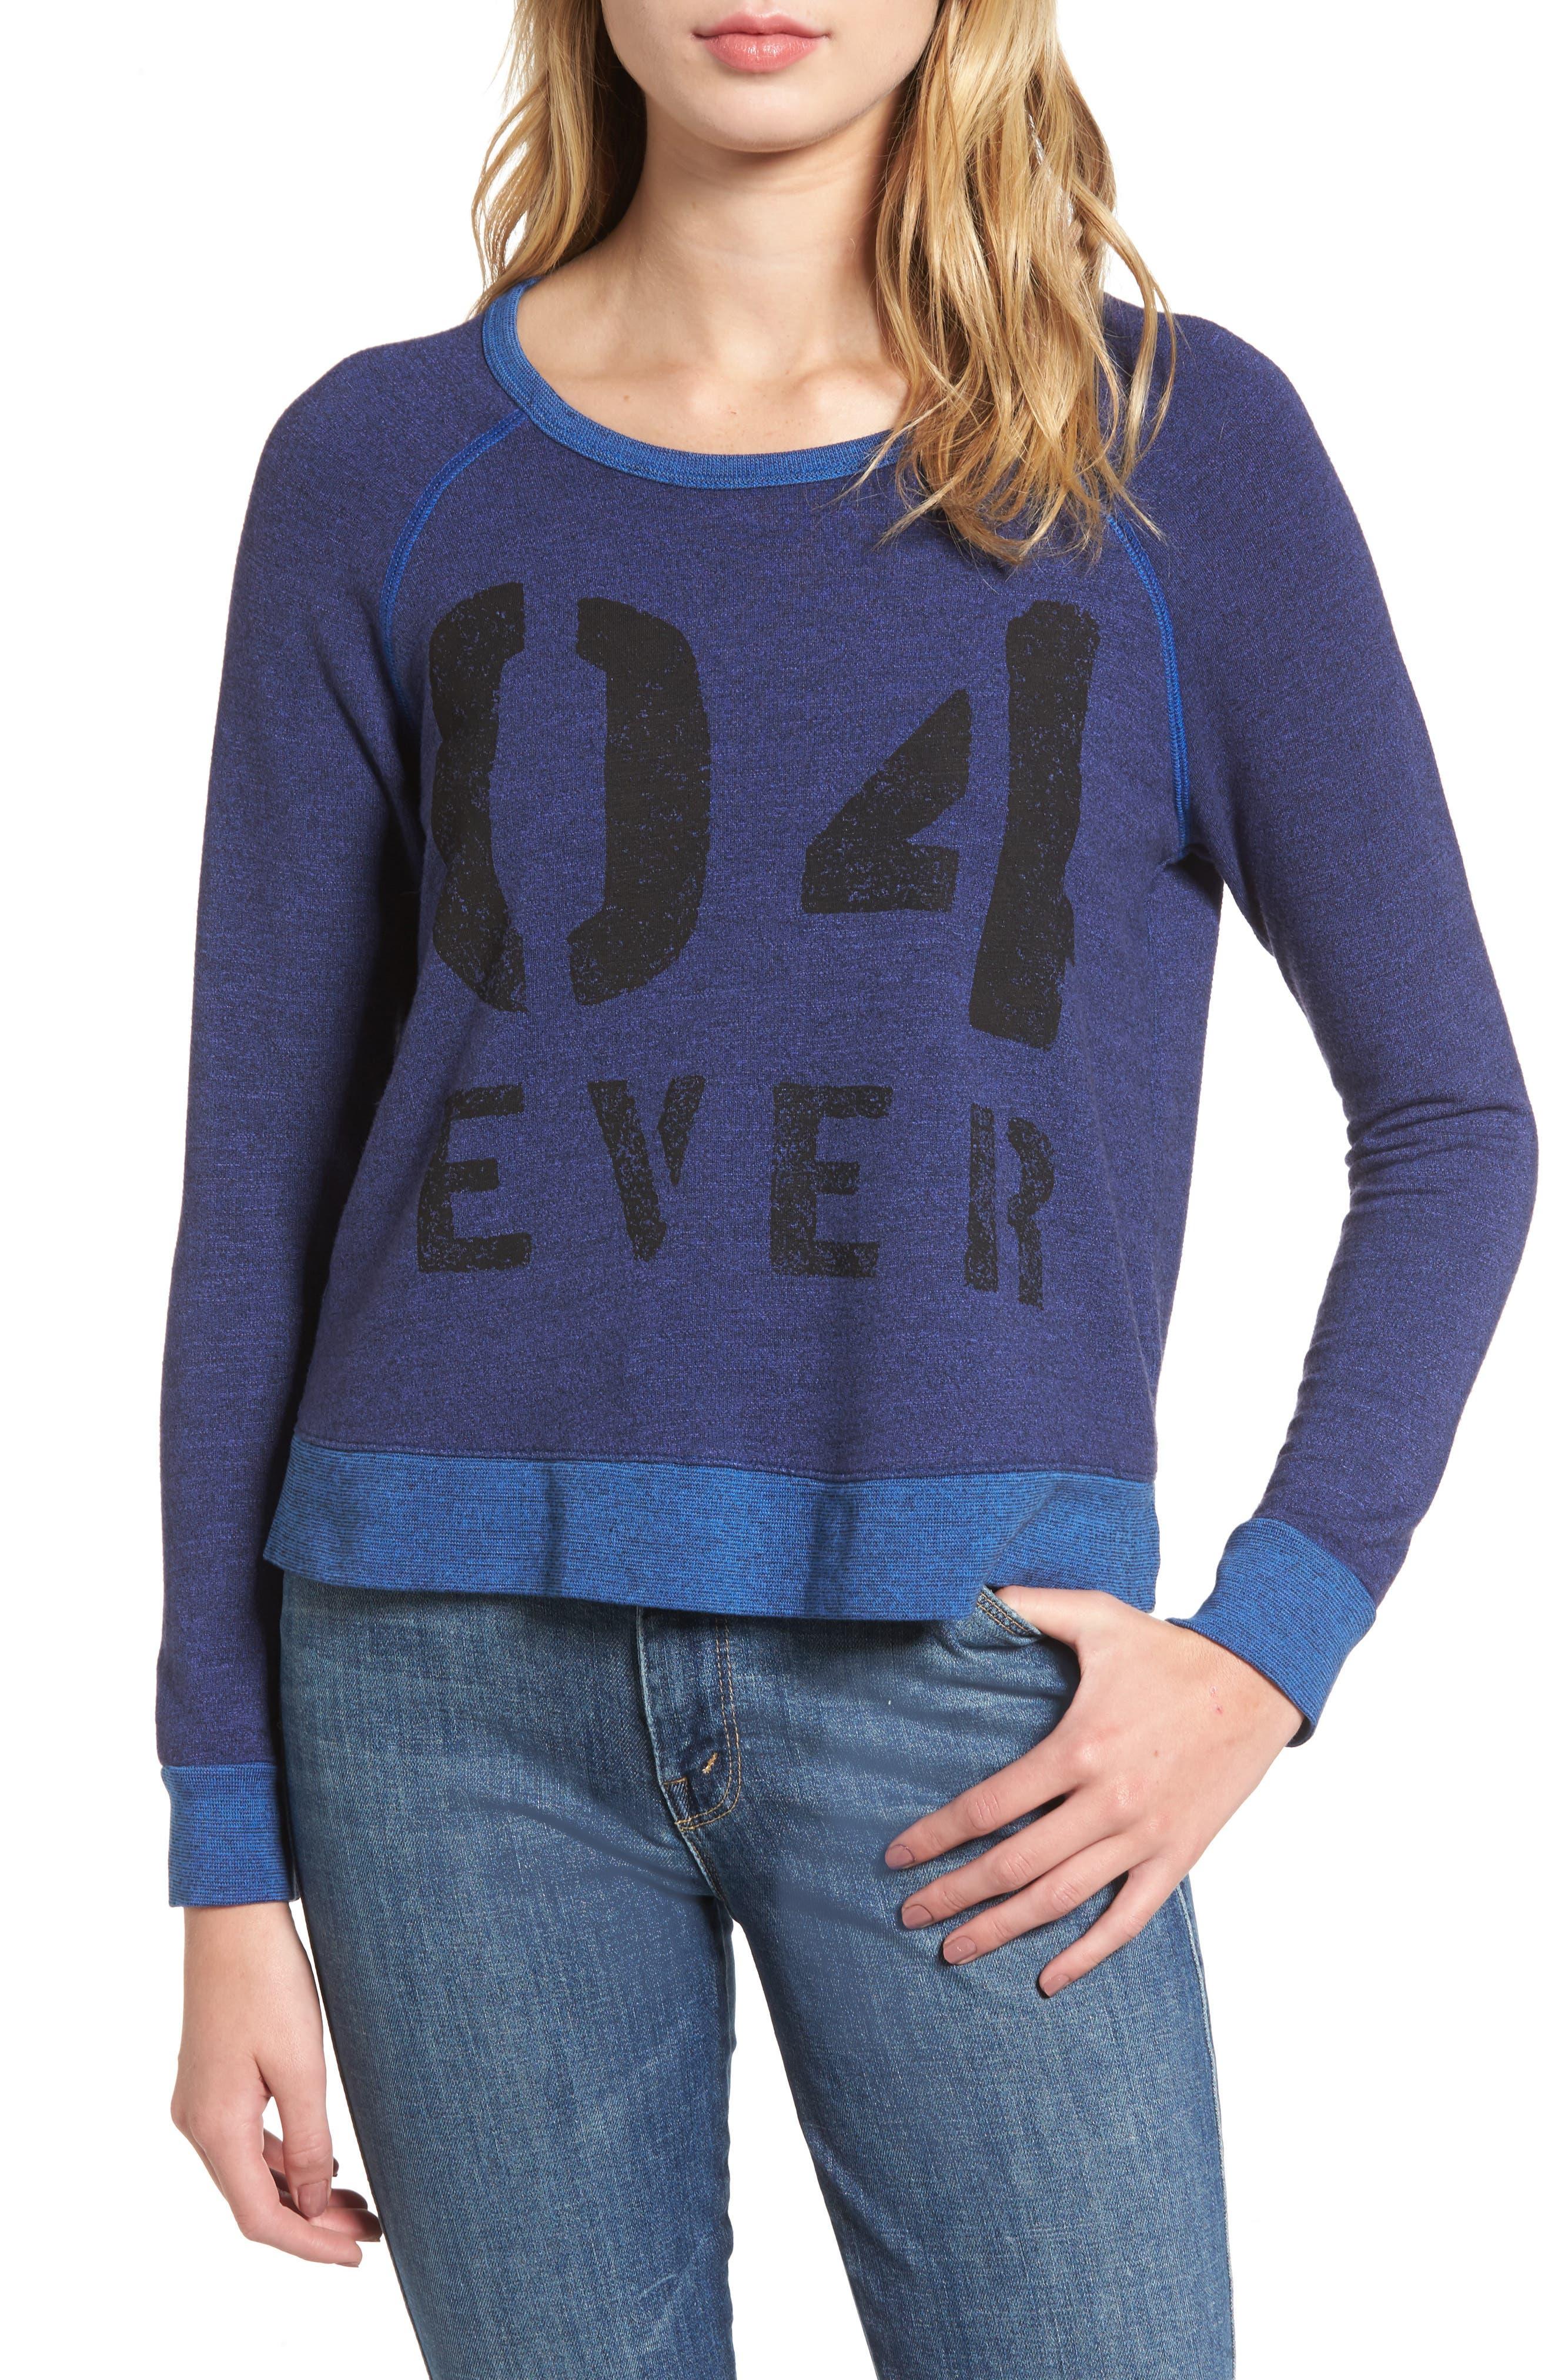 Main Image - Sundry Love Forever Sweatshirt